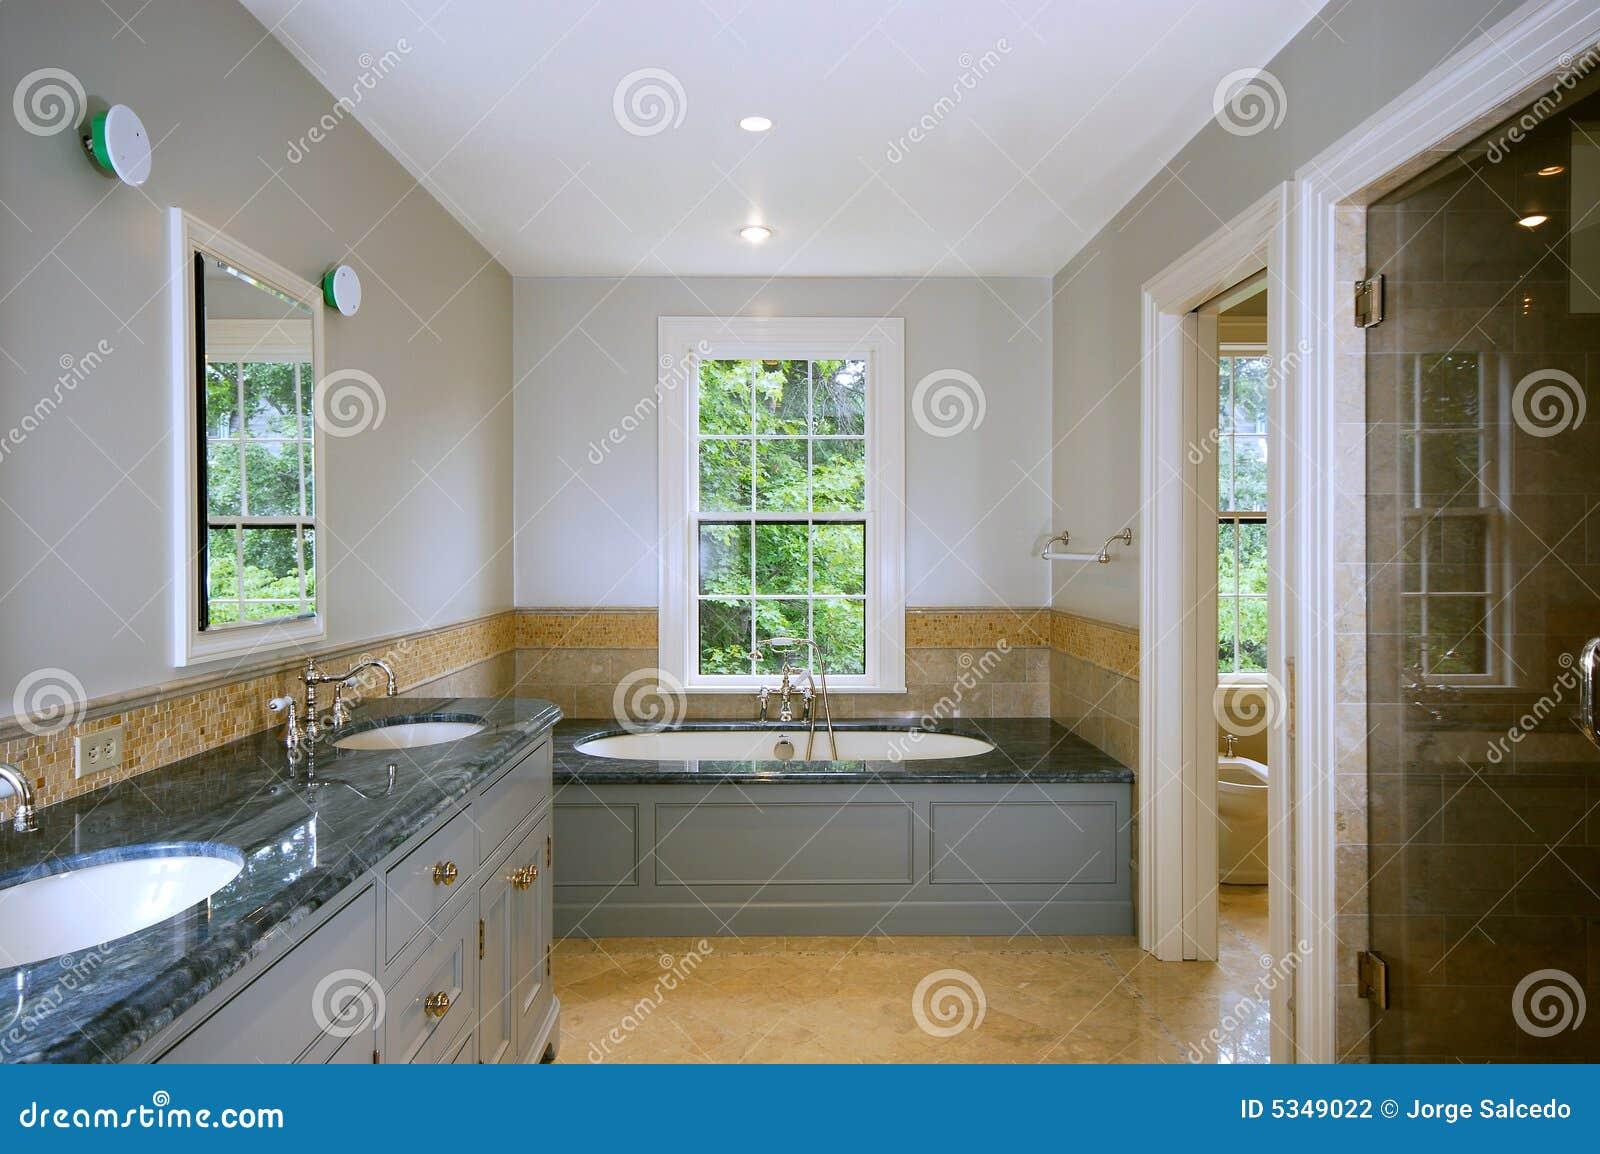 Misure stanza da bagno: ... da bagno centro stanza london ovale ...